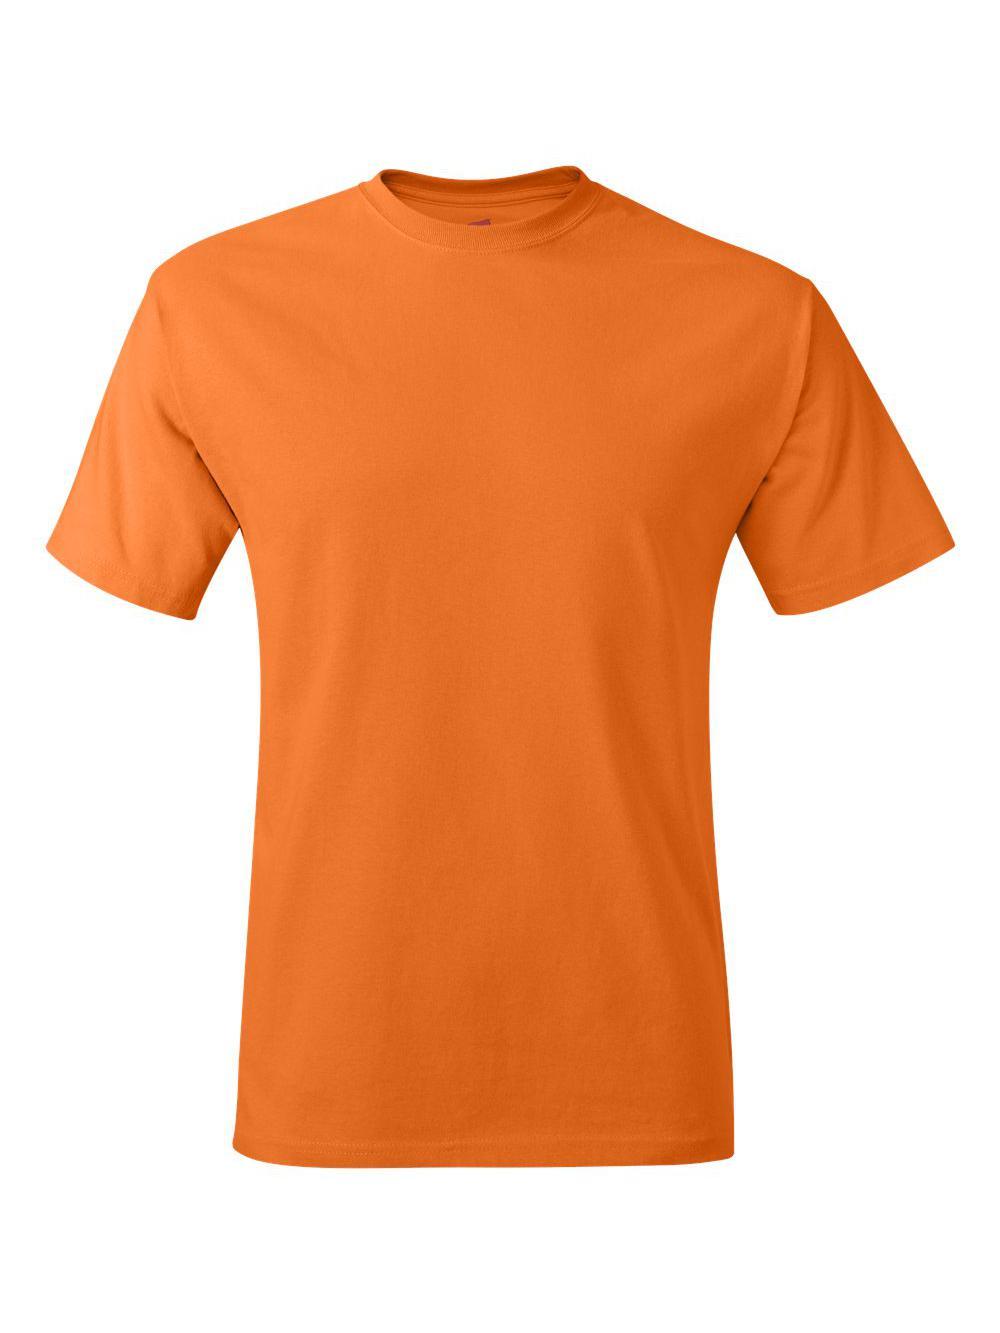 Hanes-Tagless-T-Shirt-5250 thumbnail 6